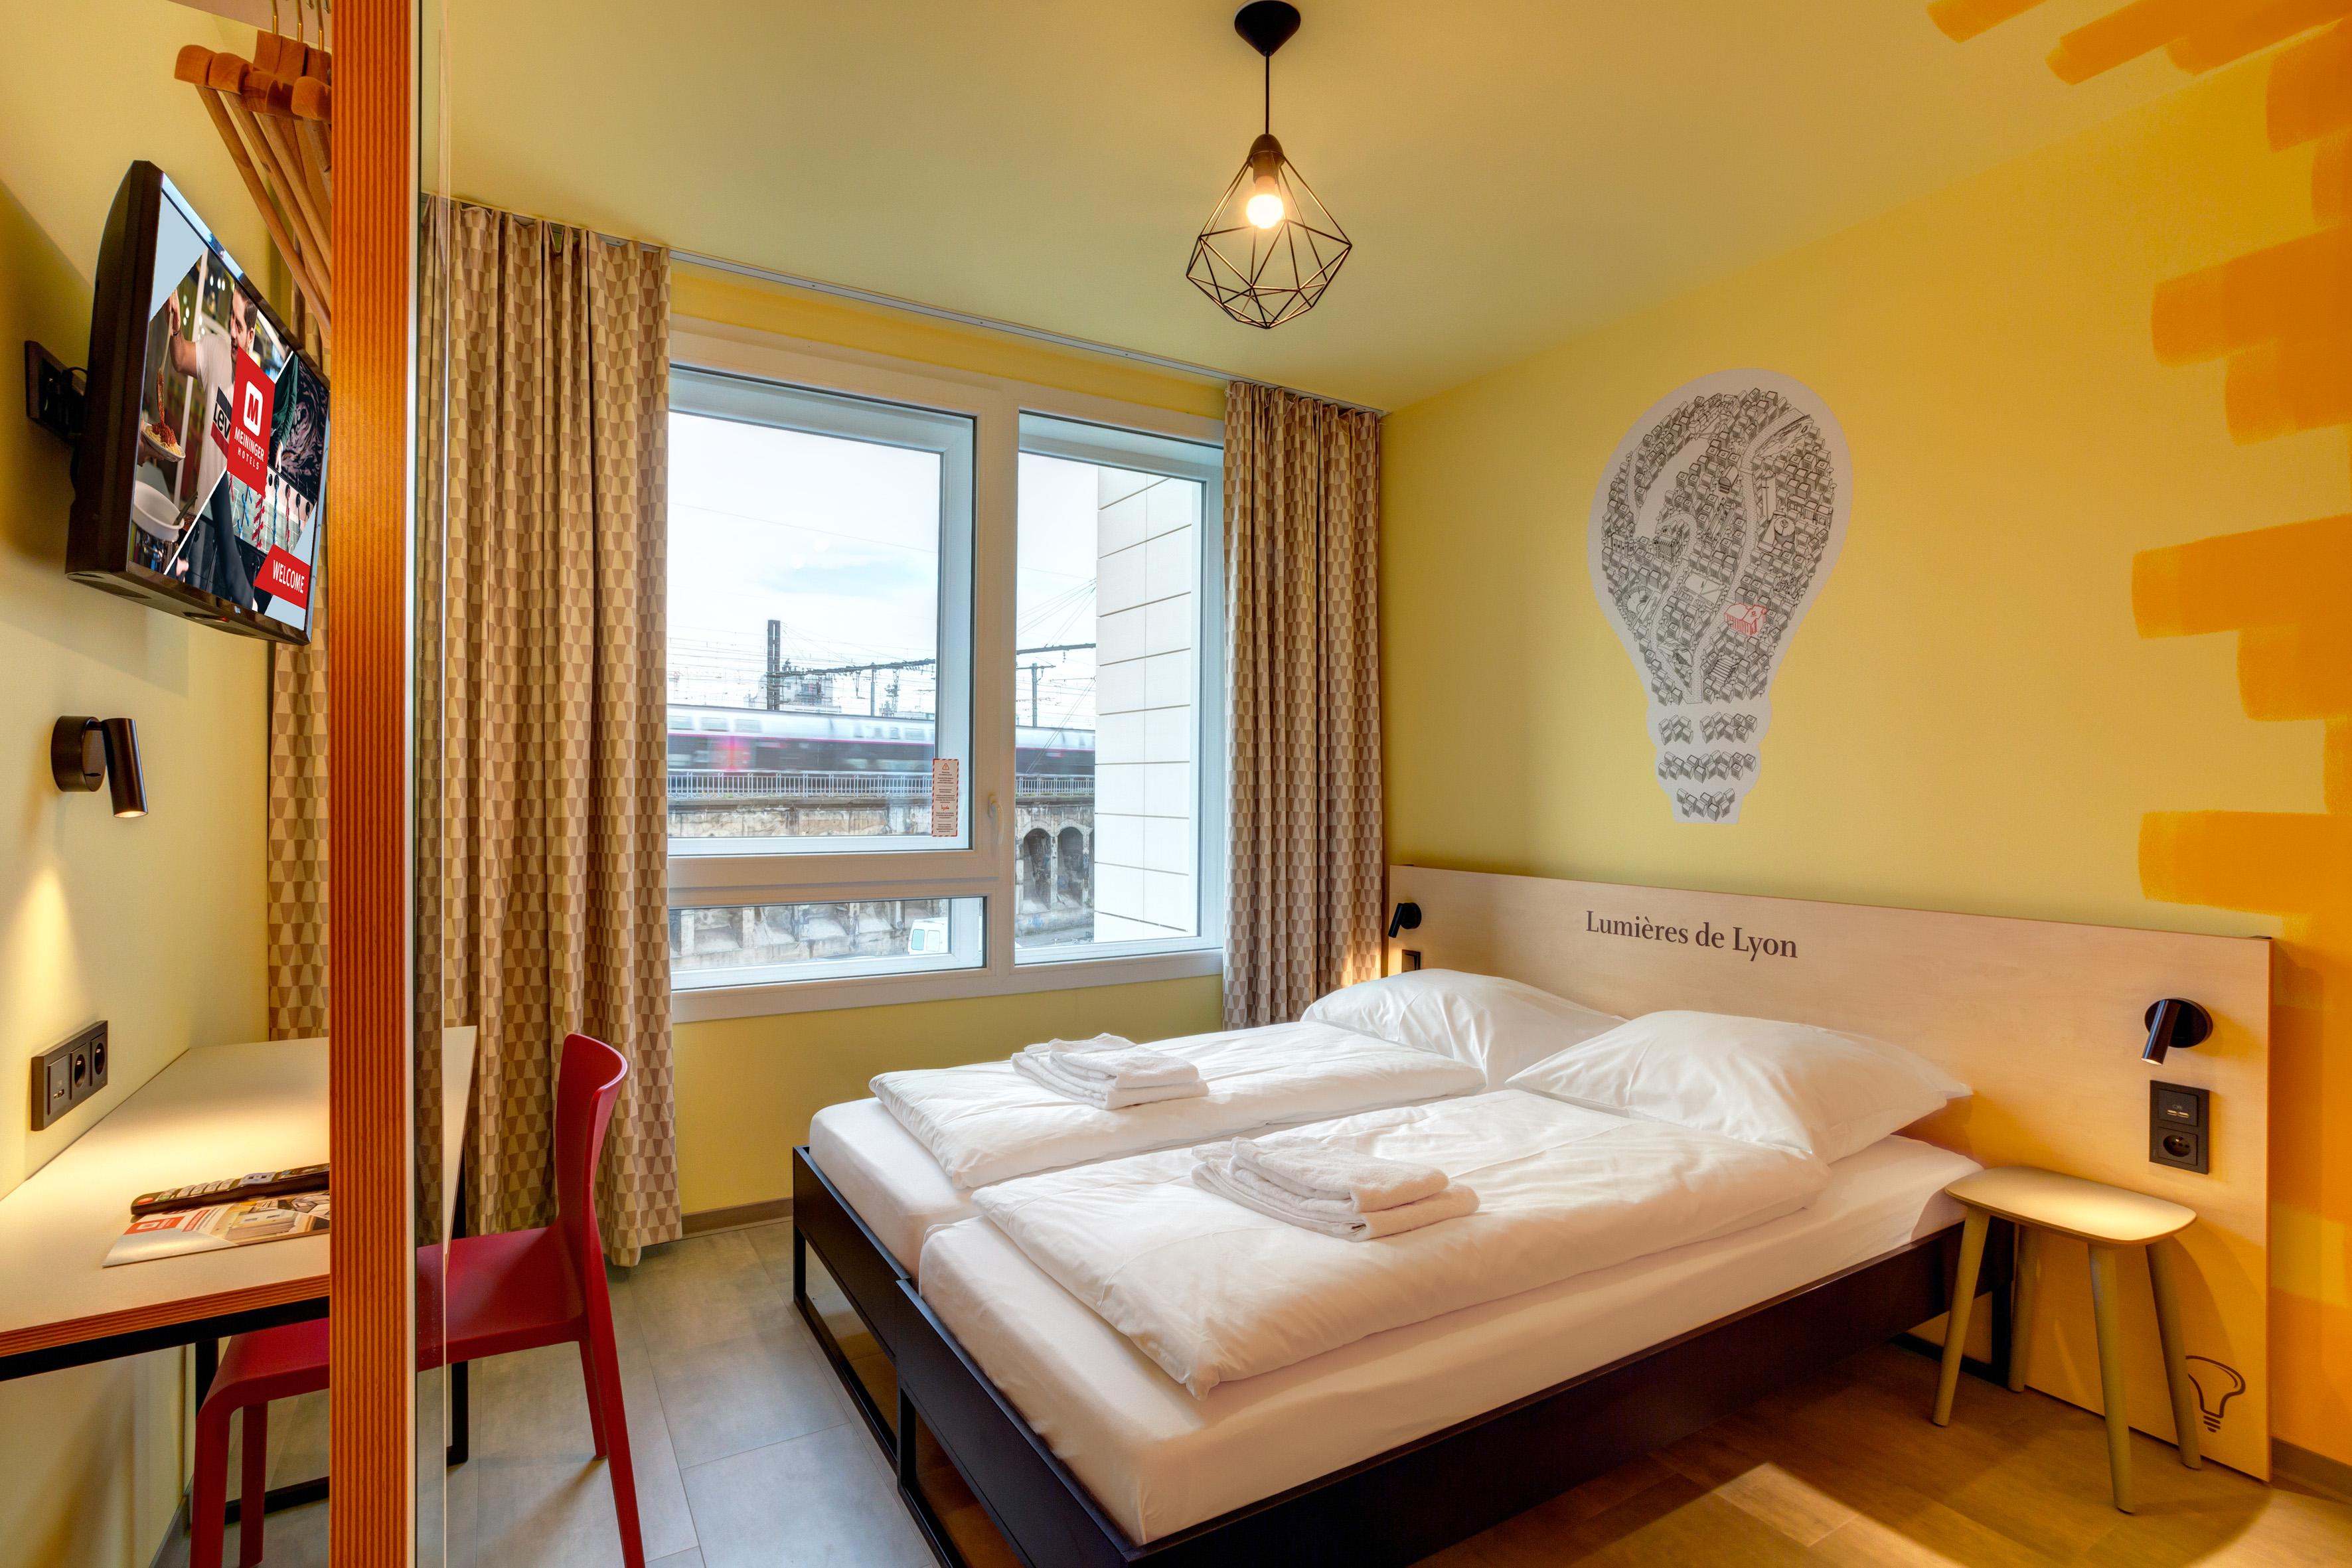 MEININGER Hotel Lyon Centre Berthelot - Een-/ Tweepersoonskamer